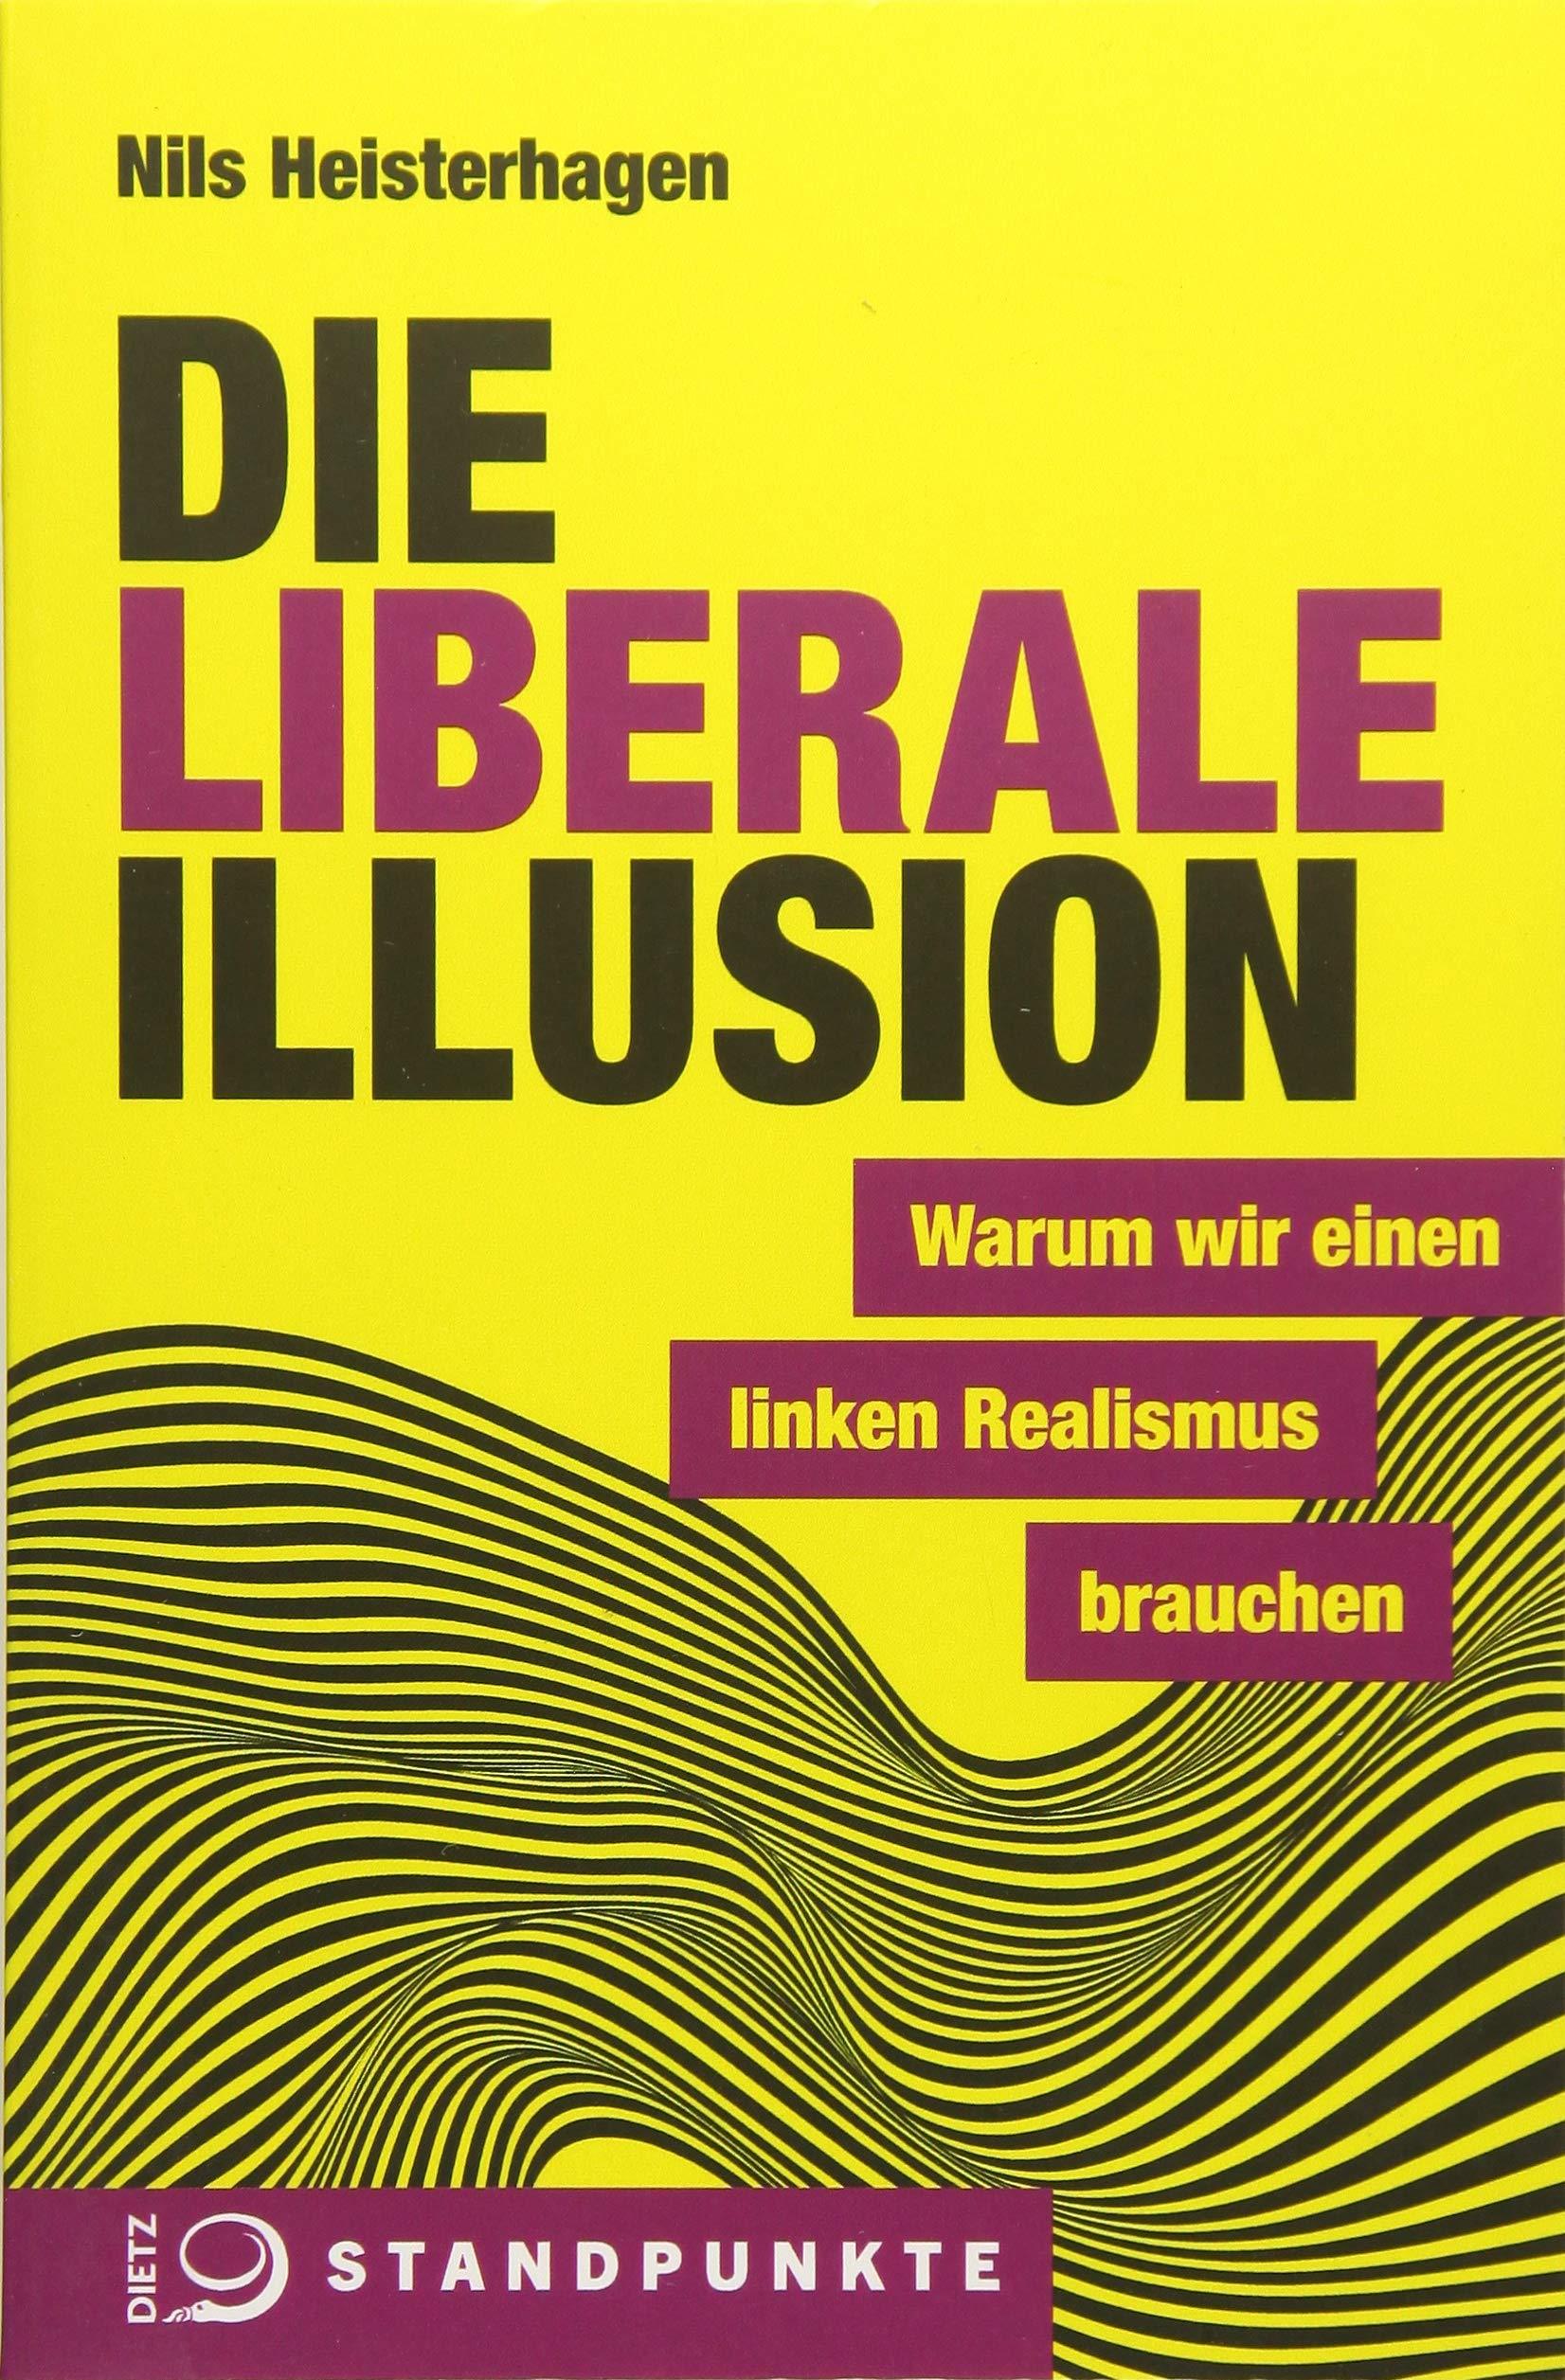 die-liberale-illusion-warum-wir-einen-linken-realismus-brauchen